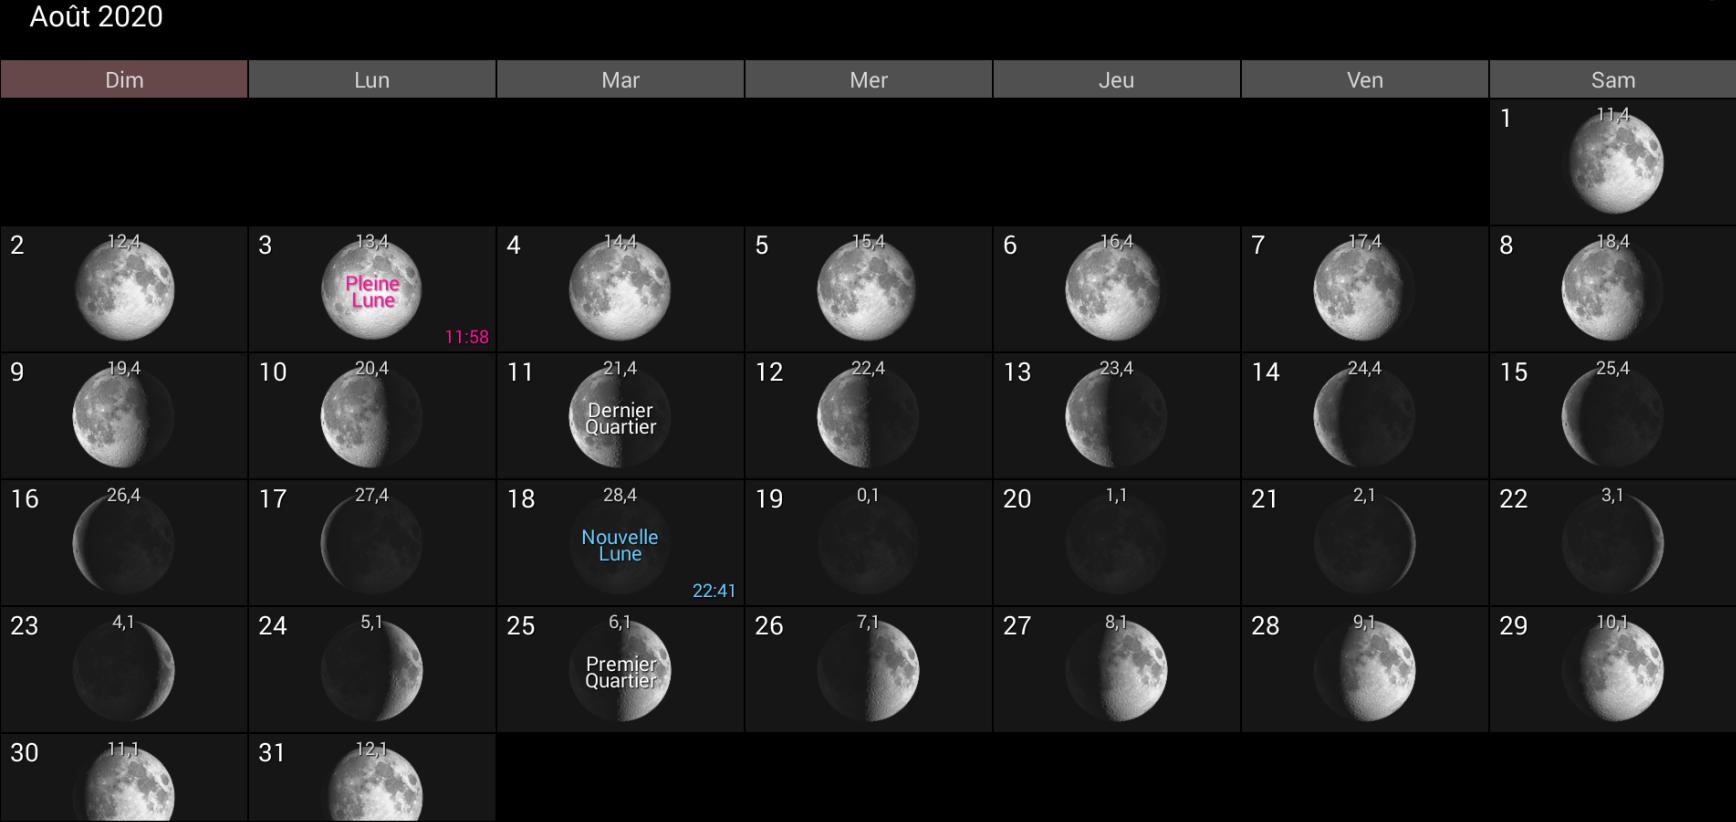 Les phases de la Lune pour le mois d'août 2020